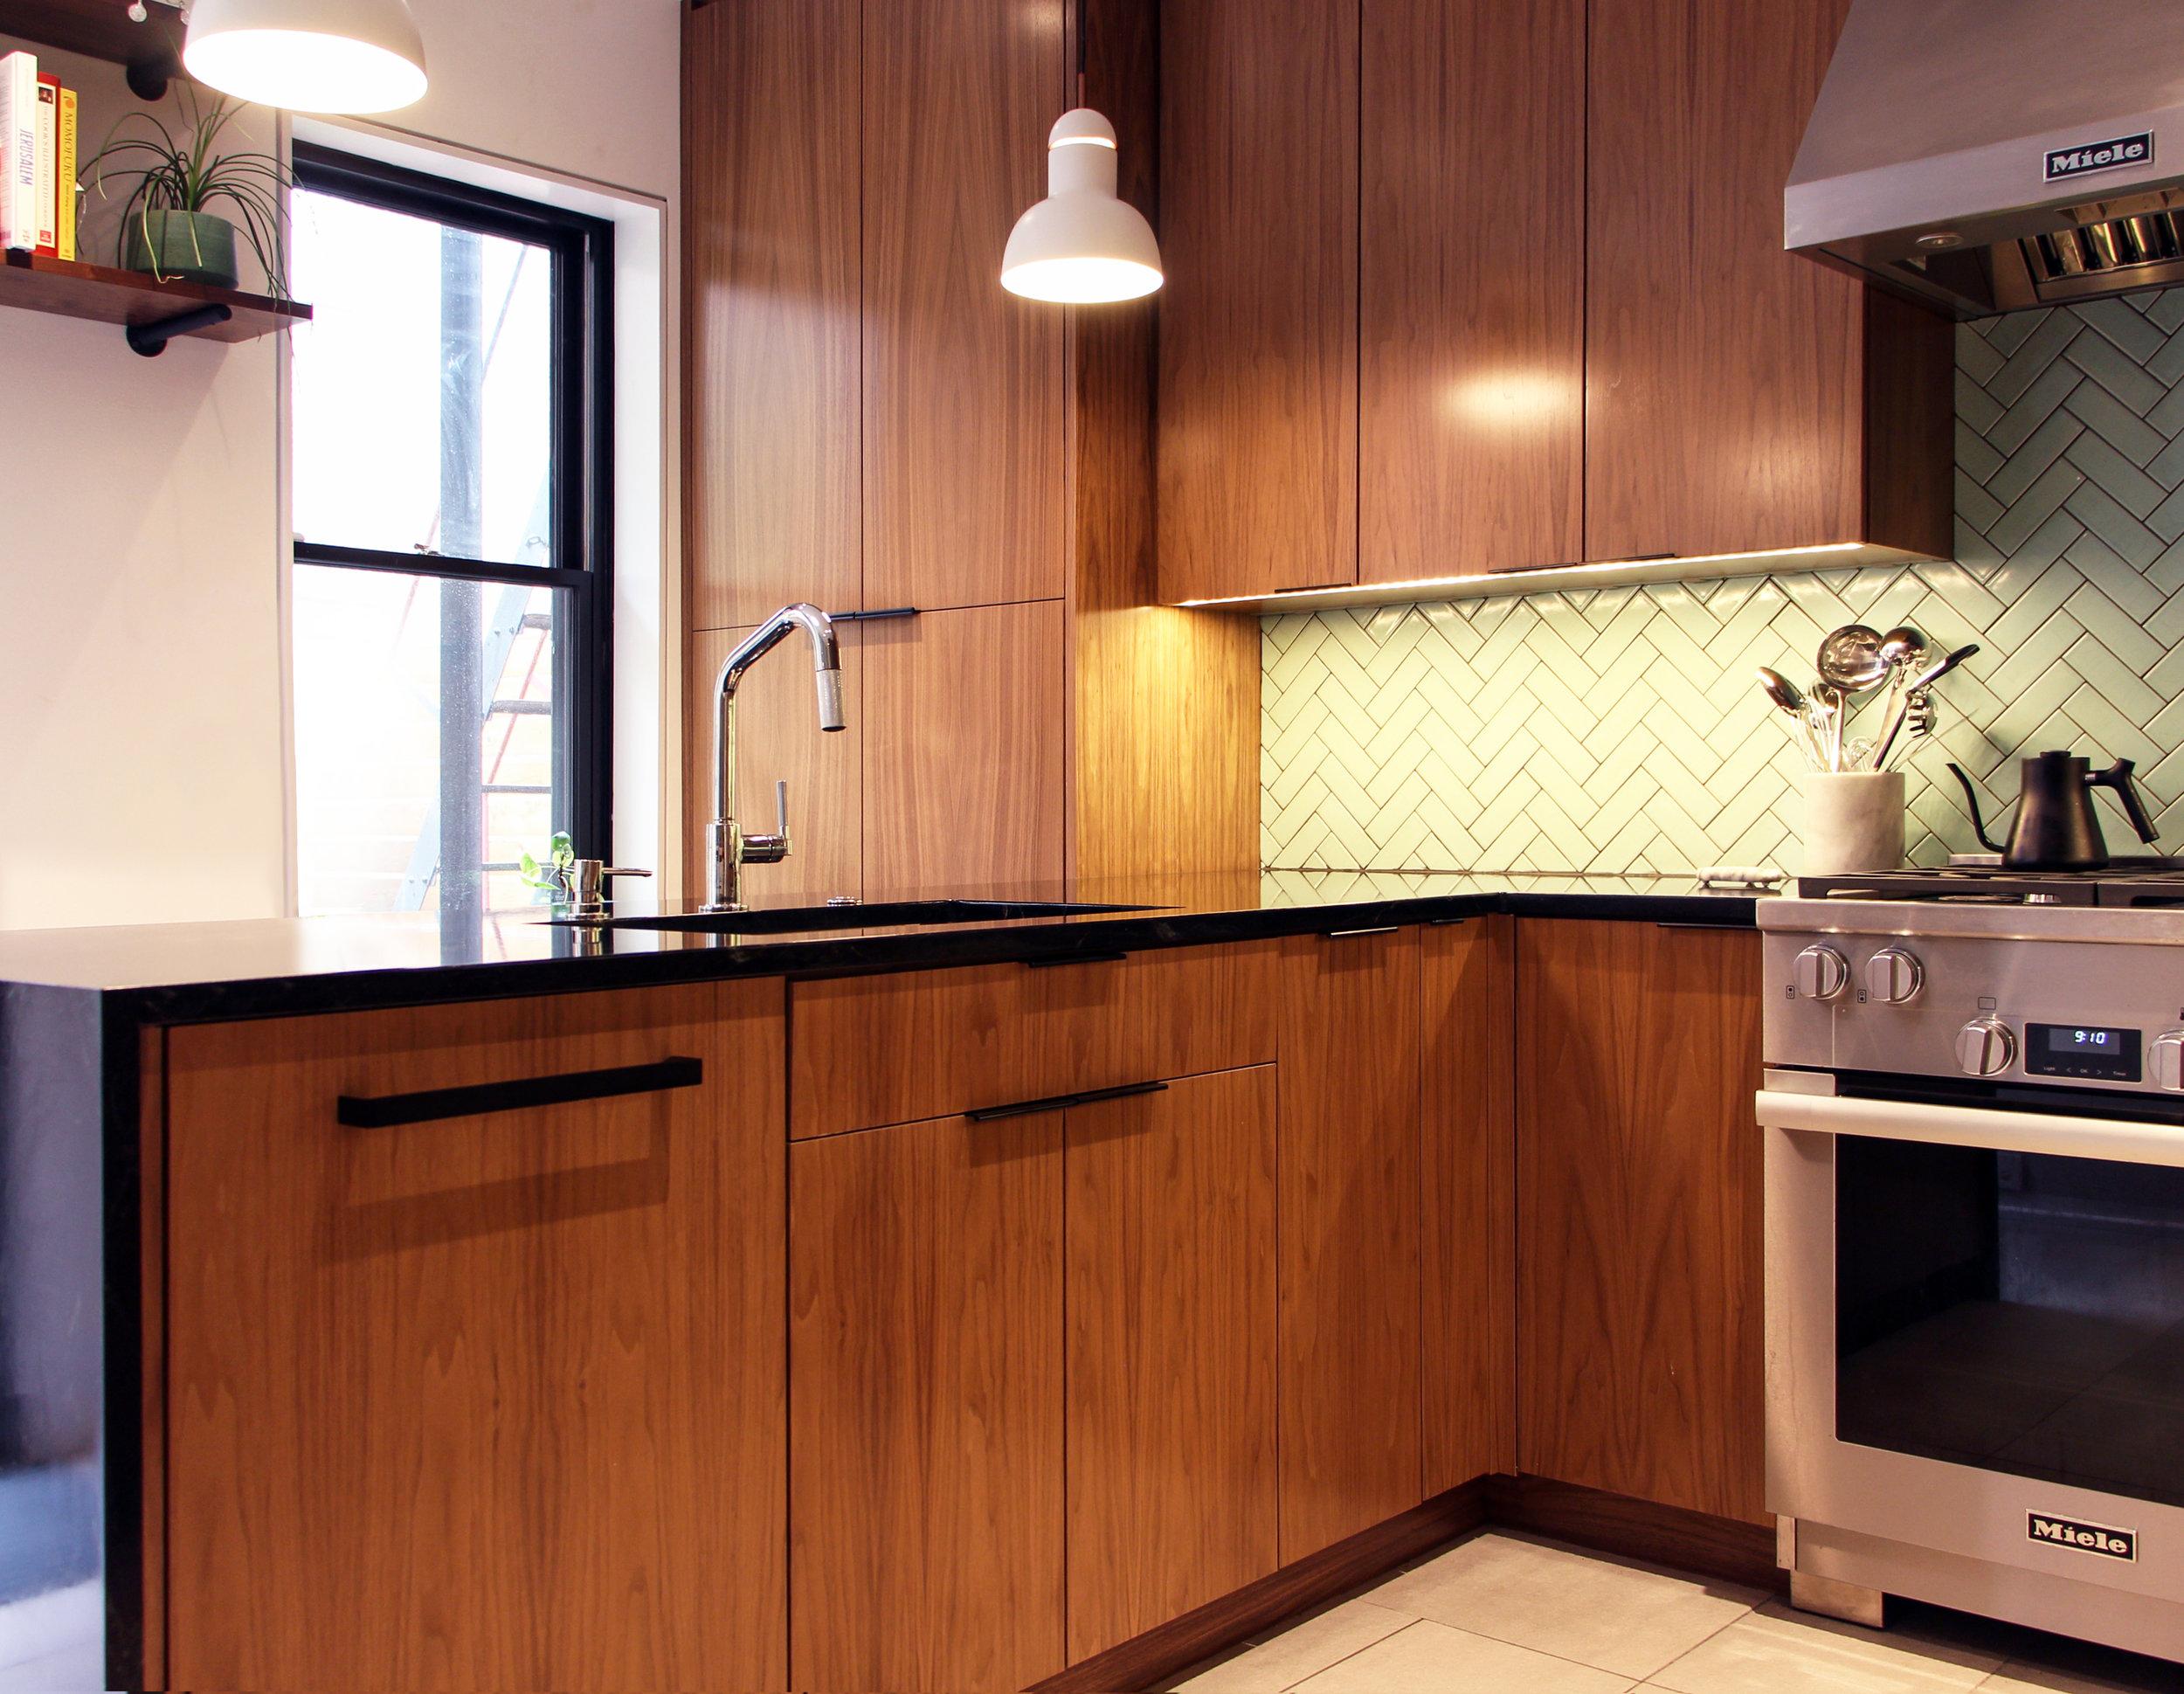 botlon hill kitchen.jpg